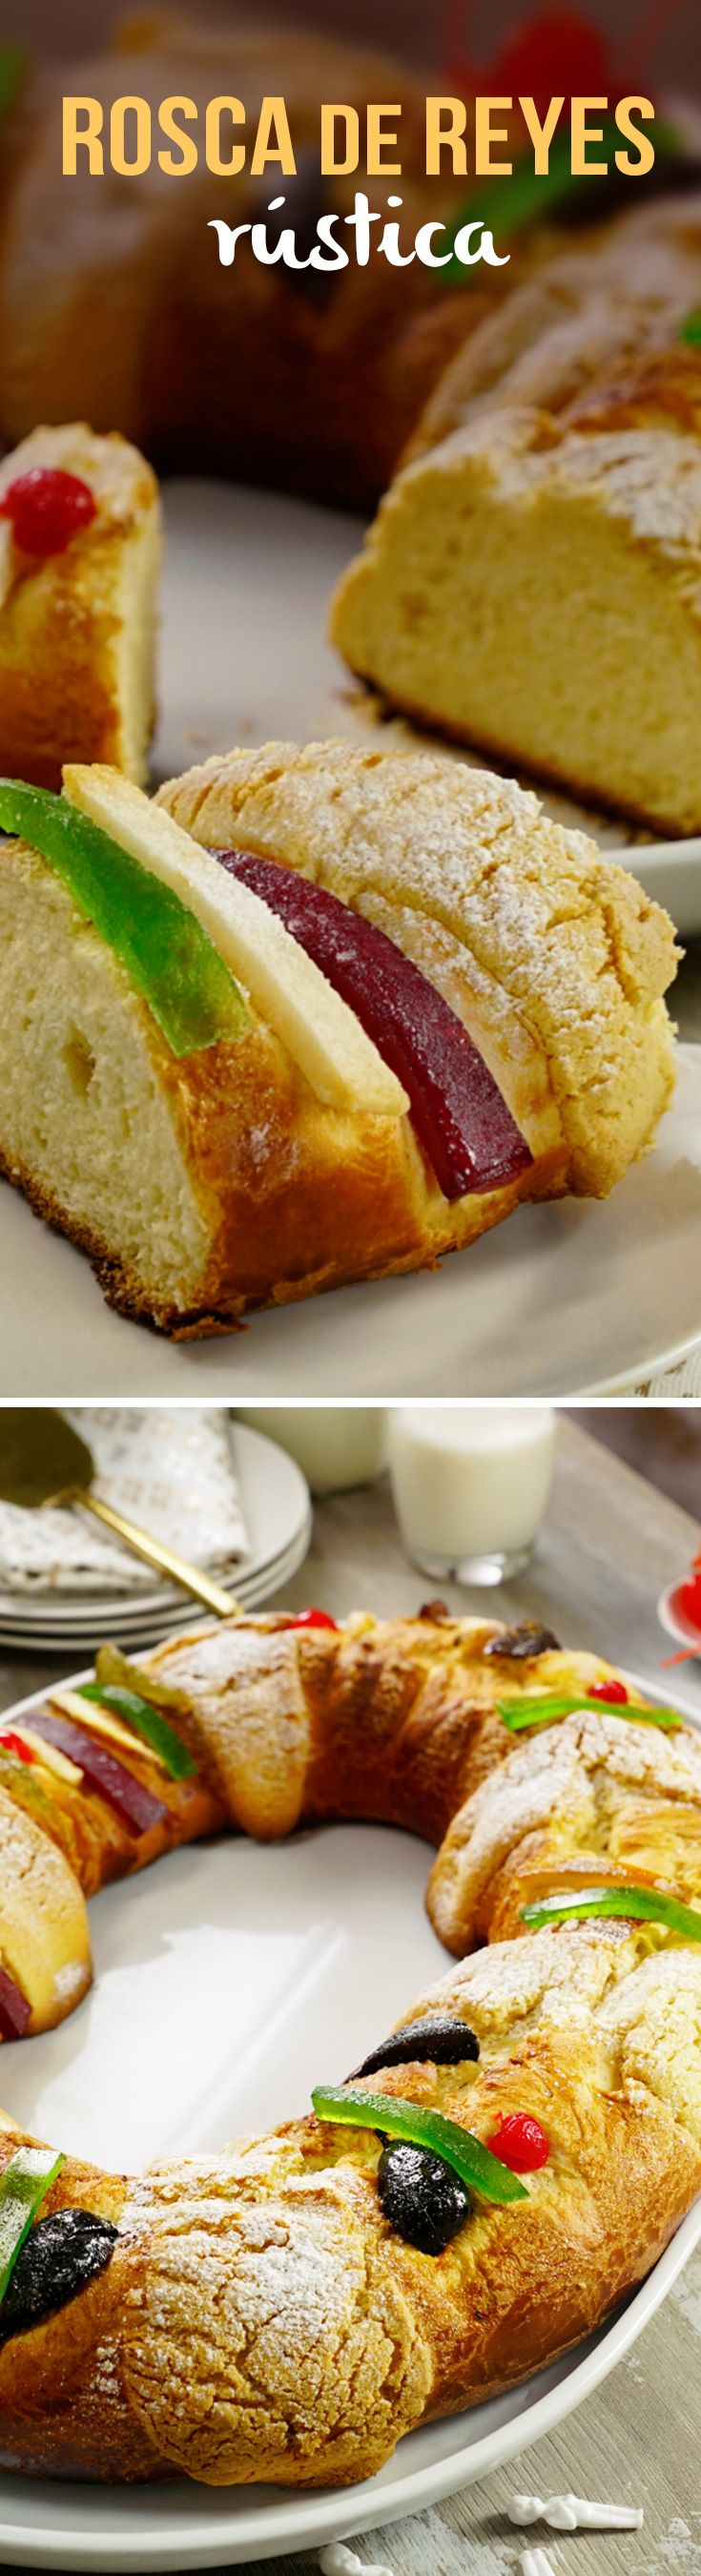 Prepara una Rosca de Reyes tradicional mexicana del Chef Irving Quiroz con esta receta.